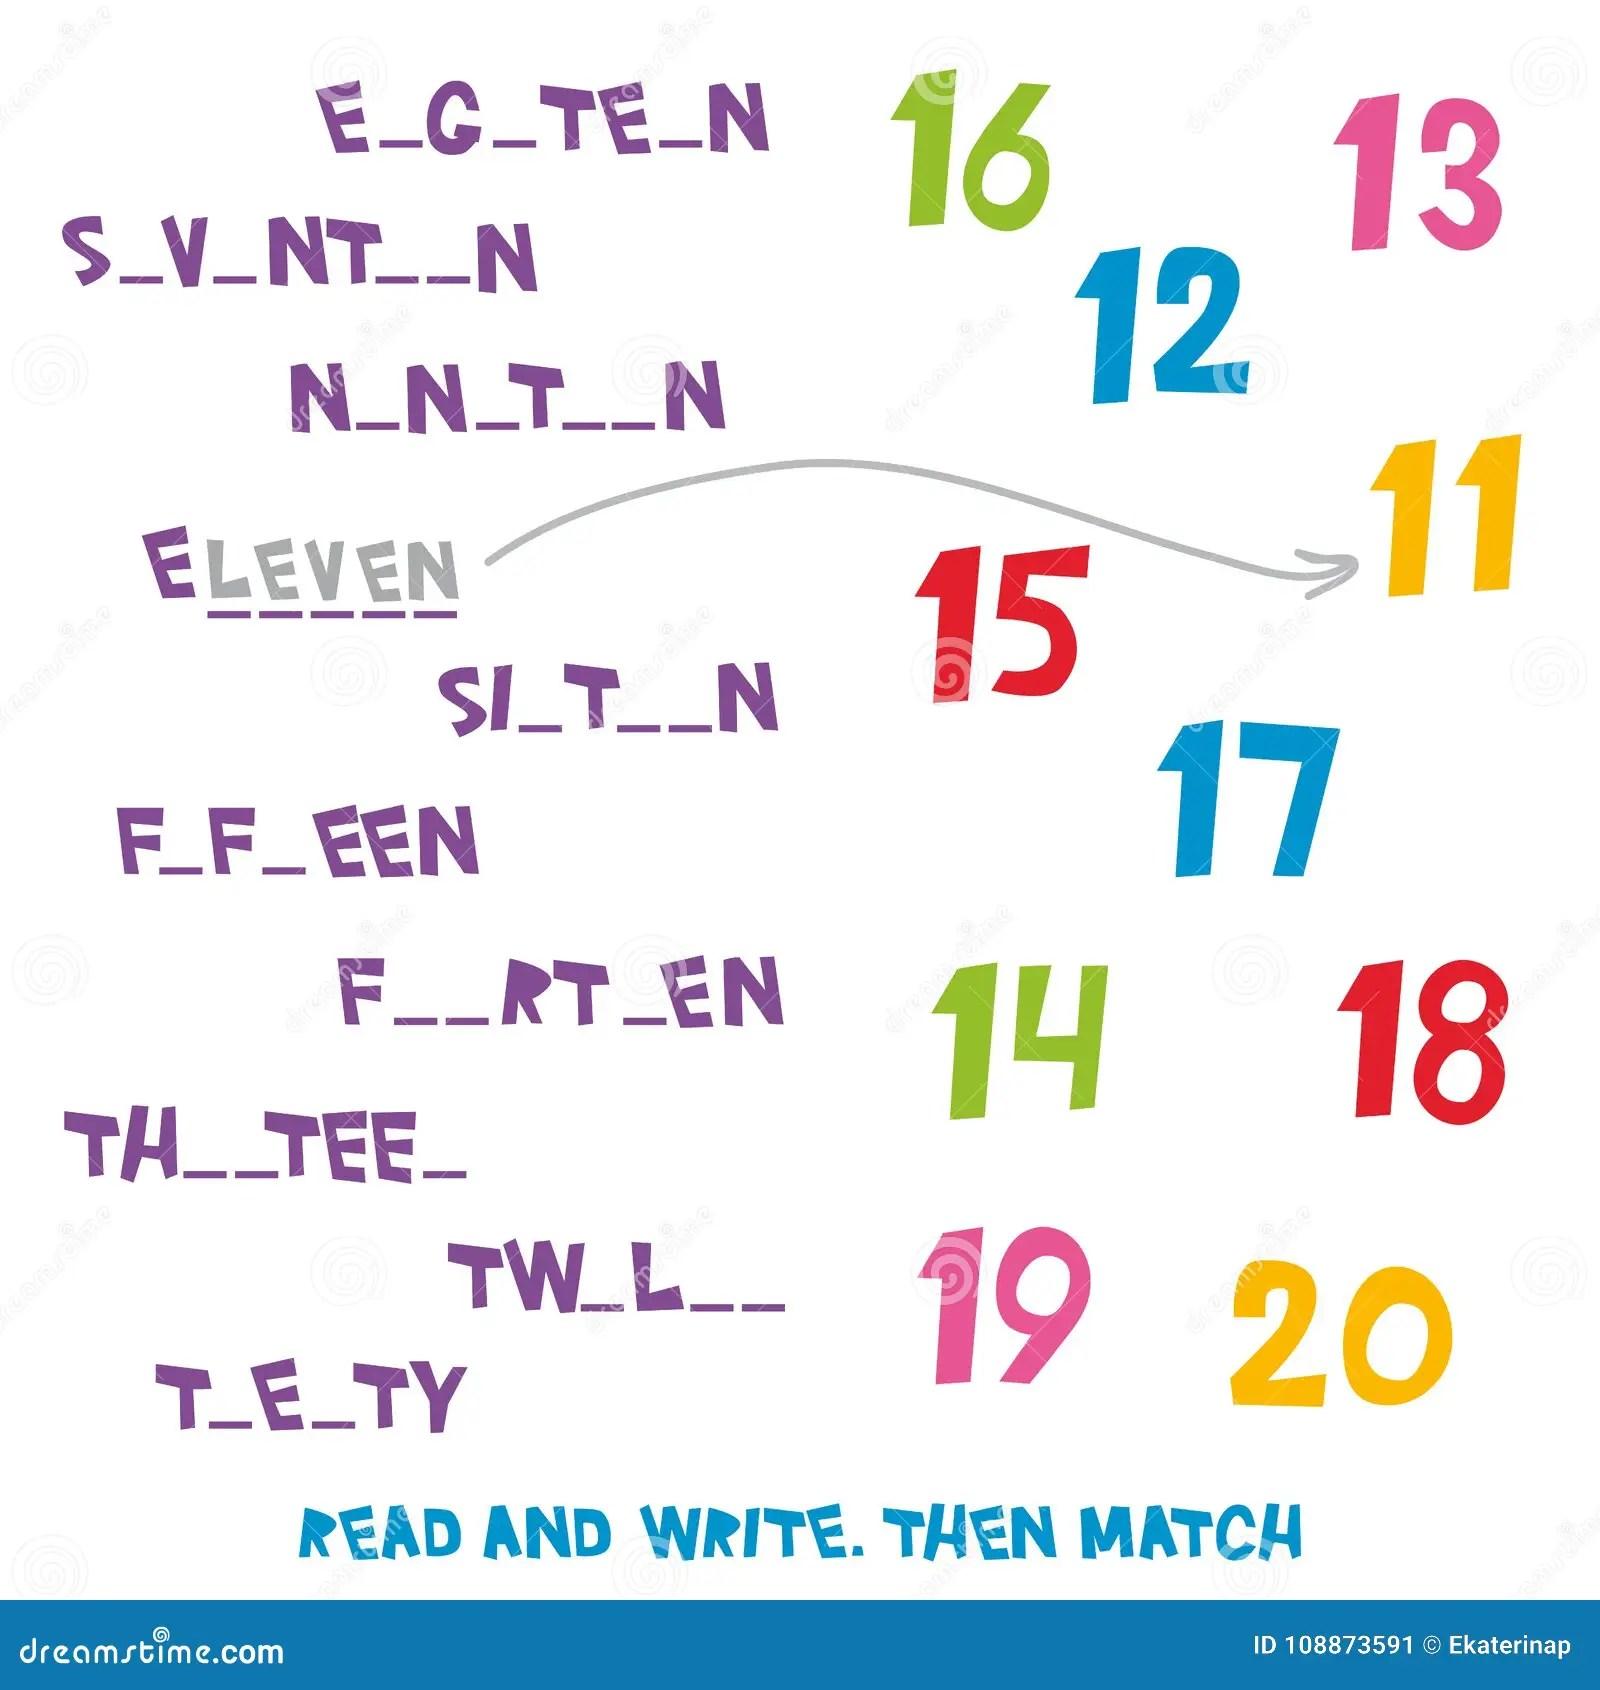 Affichez Et Ecrivez Assortissez Alors Les Numeros 11 20